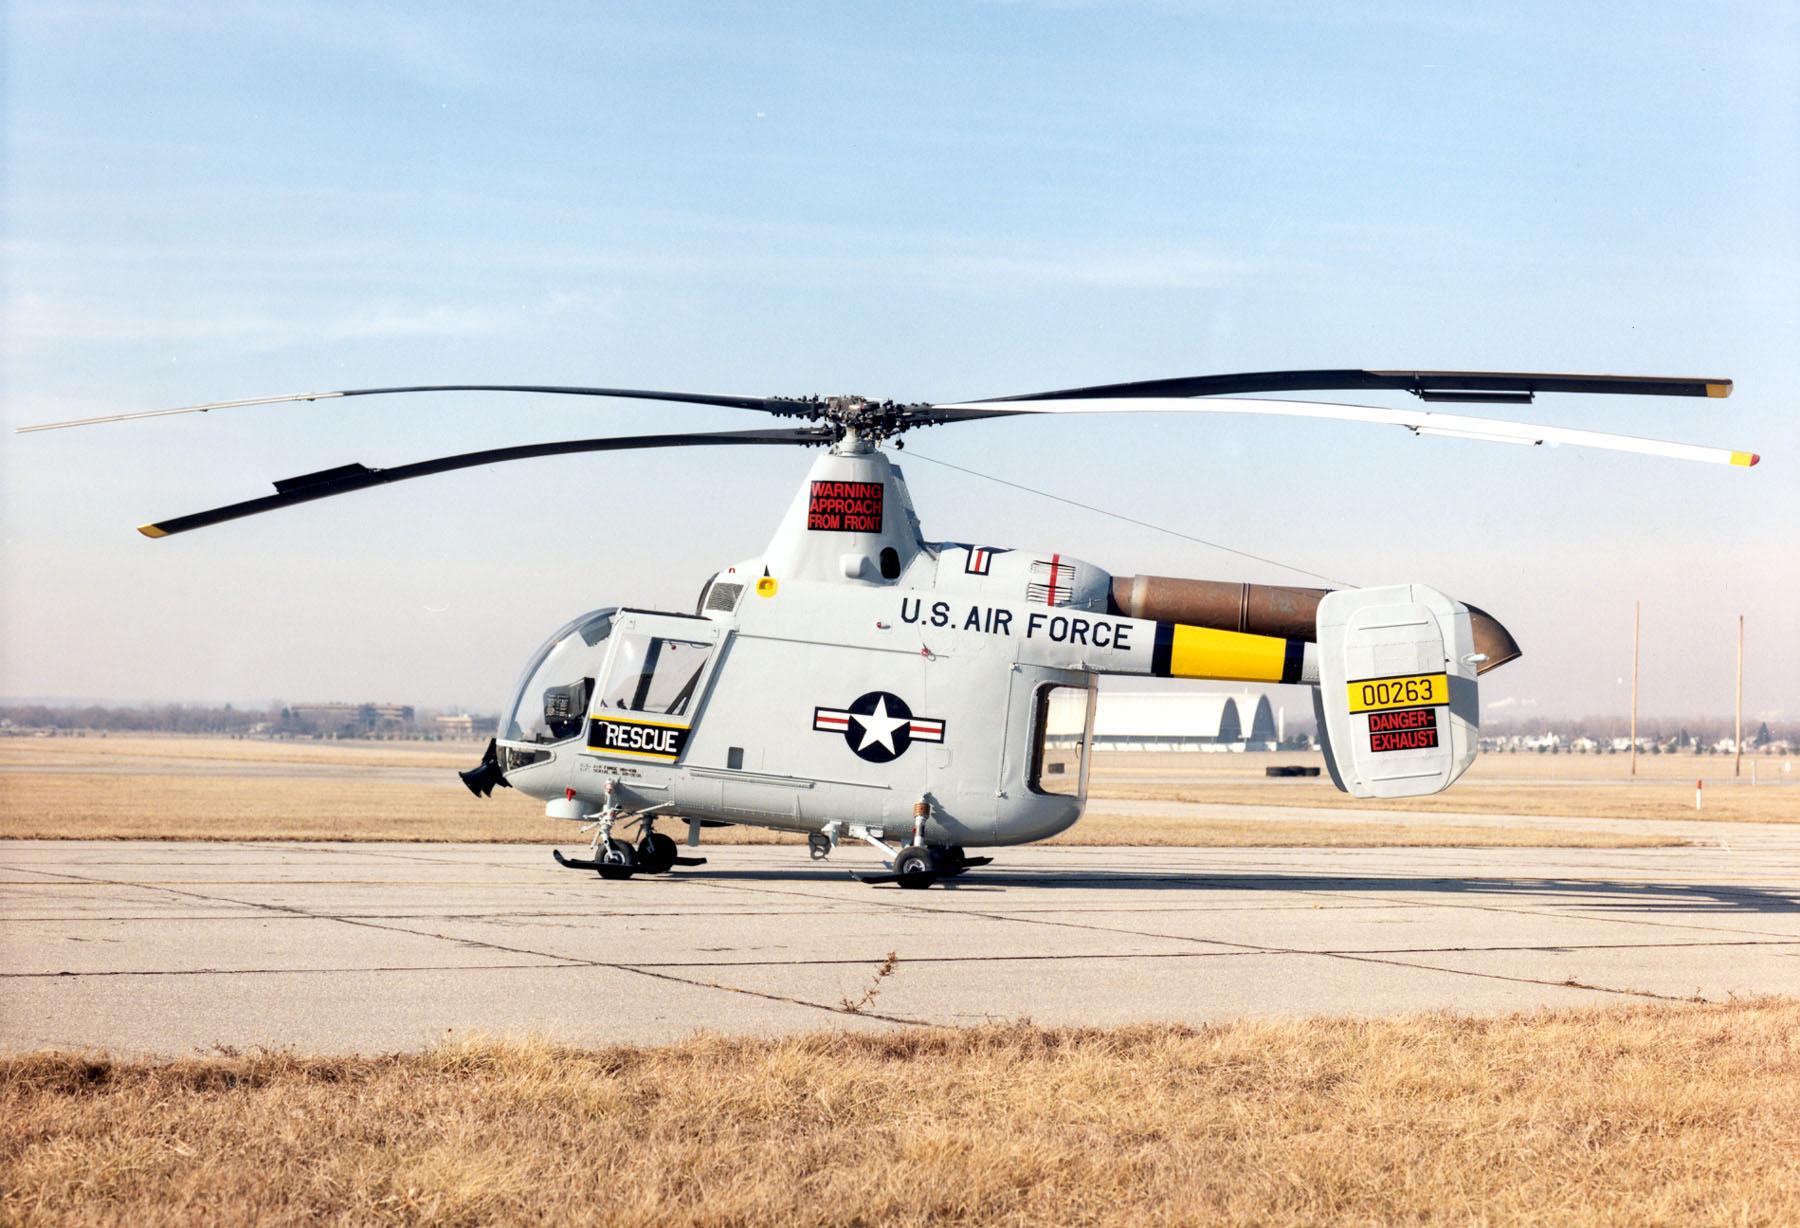 Kaman_HH-43B_Huskie_USAF.jpg